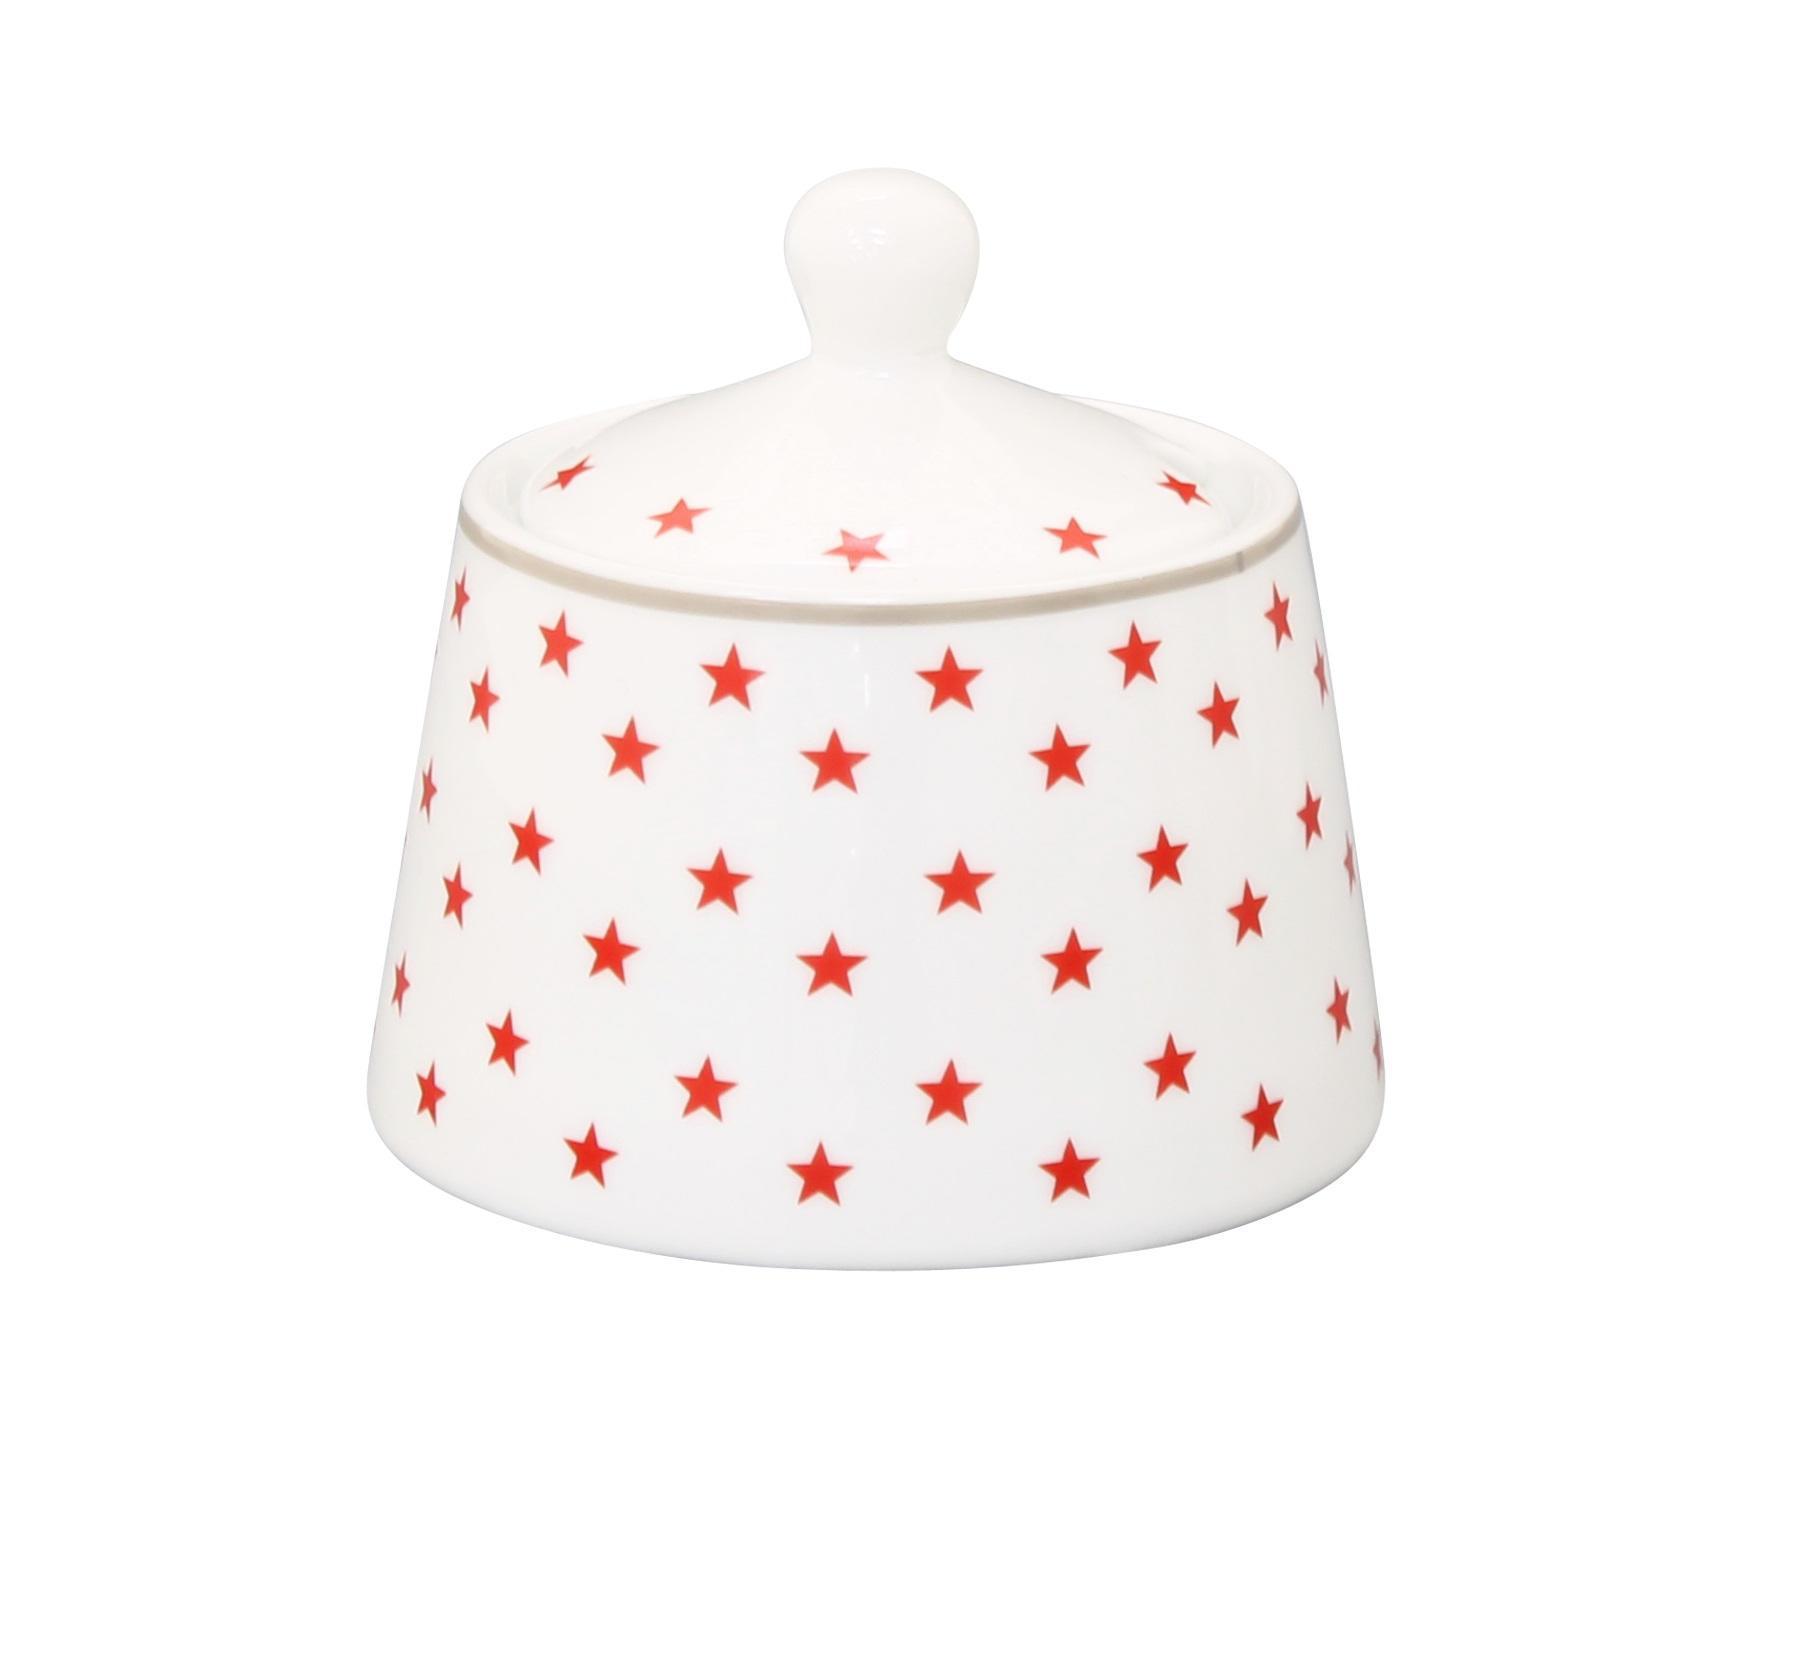 Krasilnikoff Dózička se lžičkou Red stars, červená barva, bílá barva, keramika